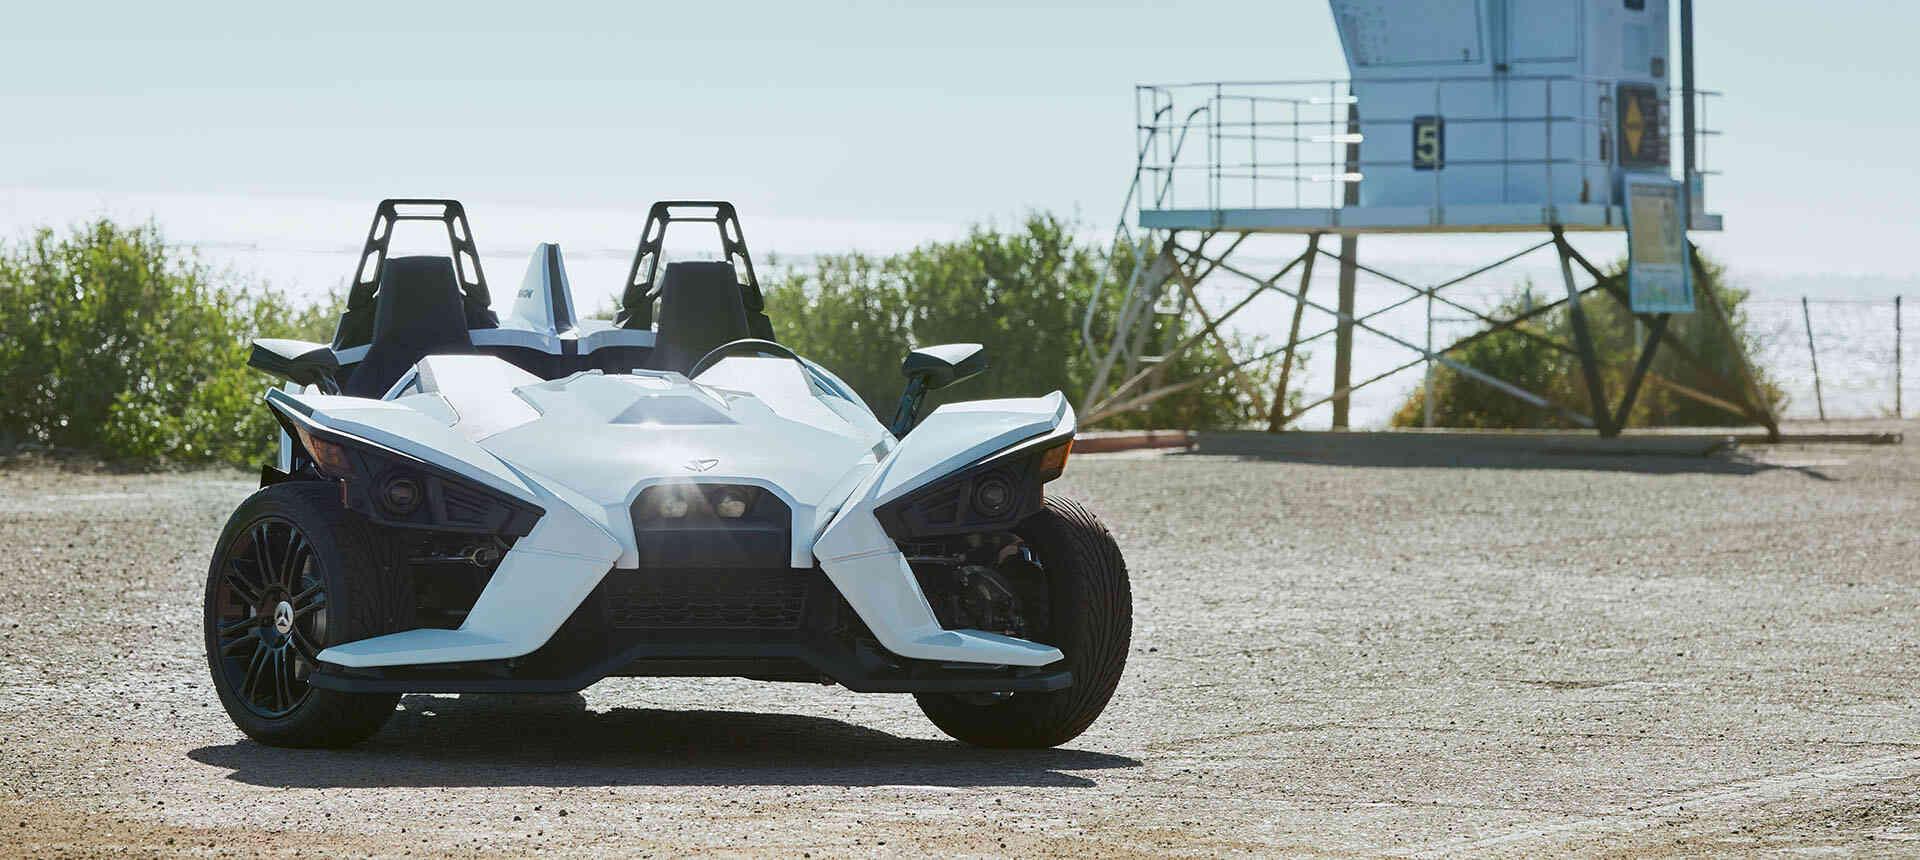 2019 polaris slingshot s 3 wheel motorcycle polaris slingshot Spyder Car view